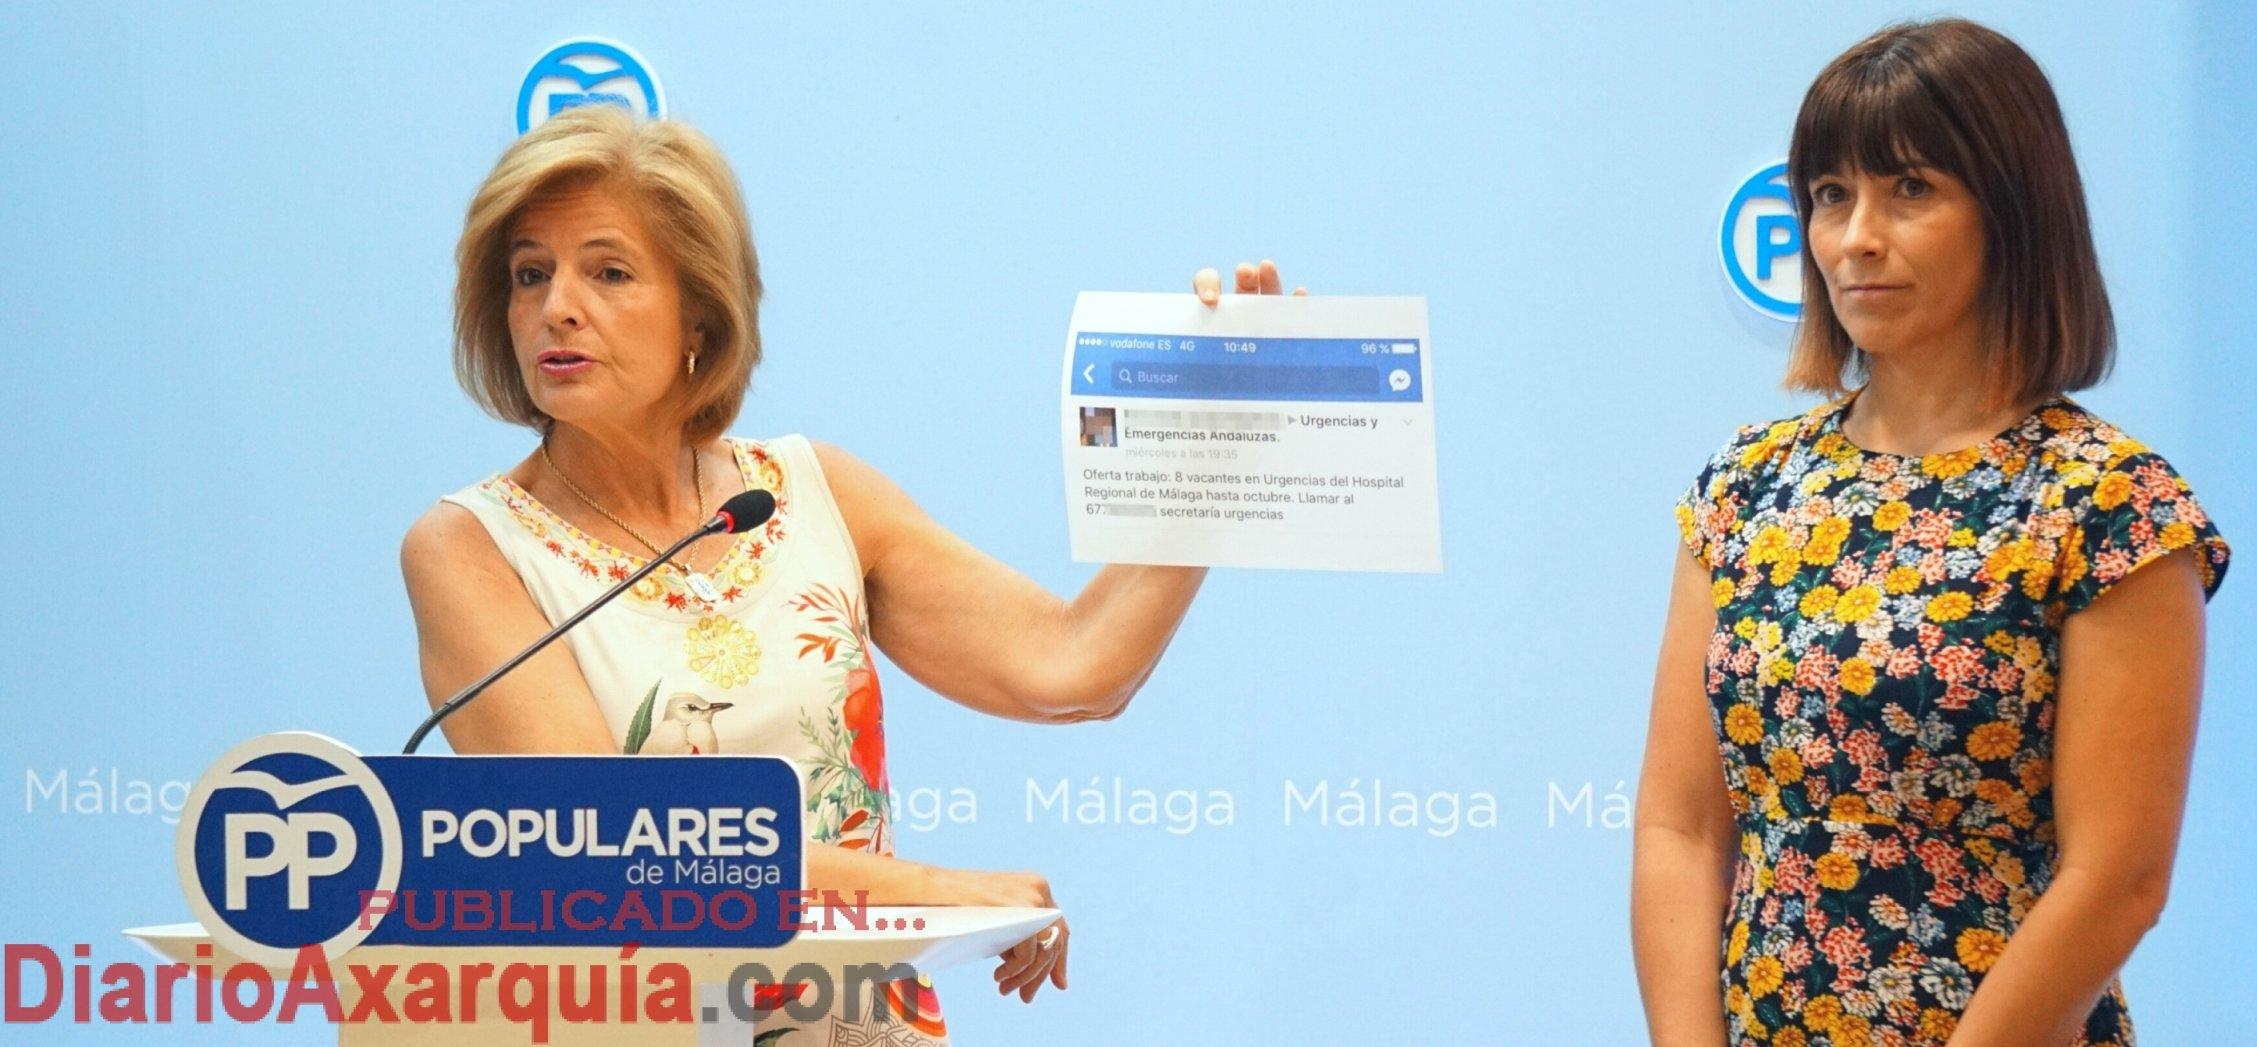 Oña y Sarabia - Sanidad 27 junio (2)